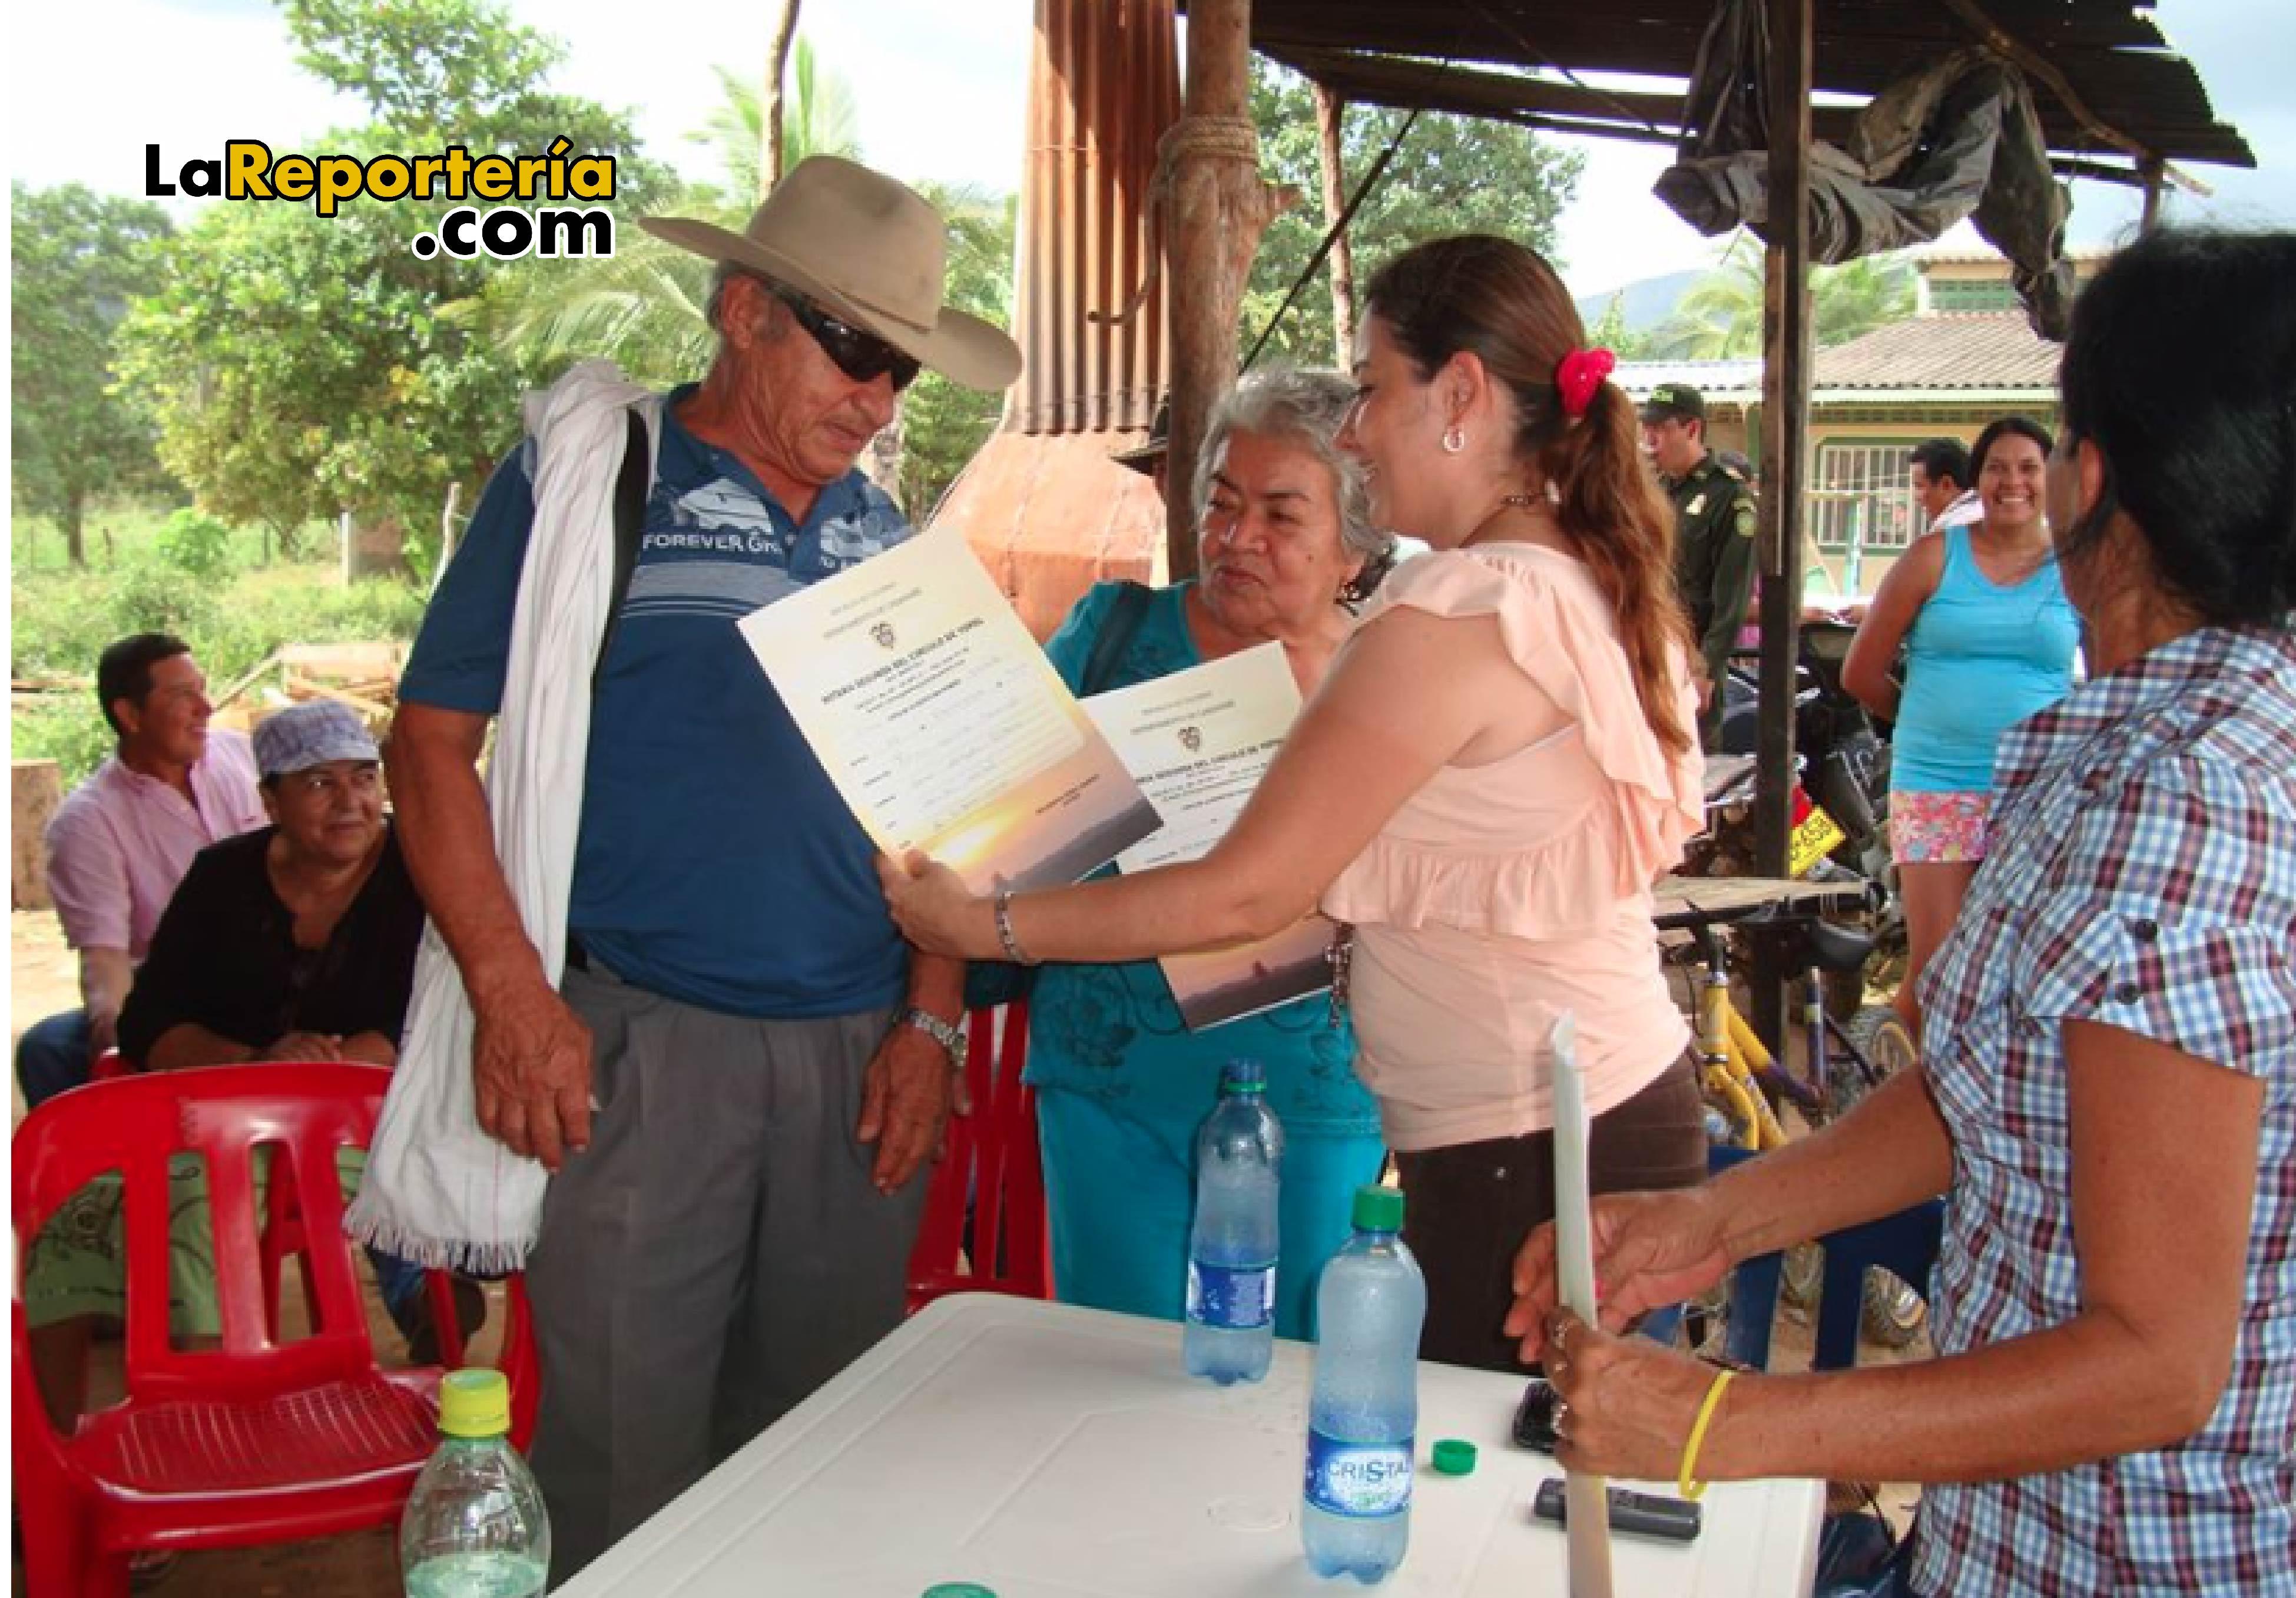 Entrega de escrituras que acredita legalización de los barrios entre el 2008 - 2011.